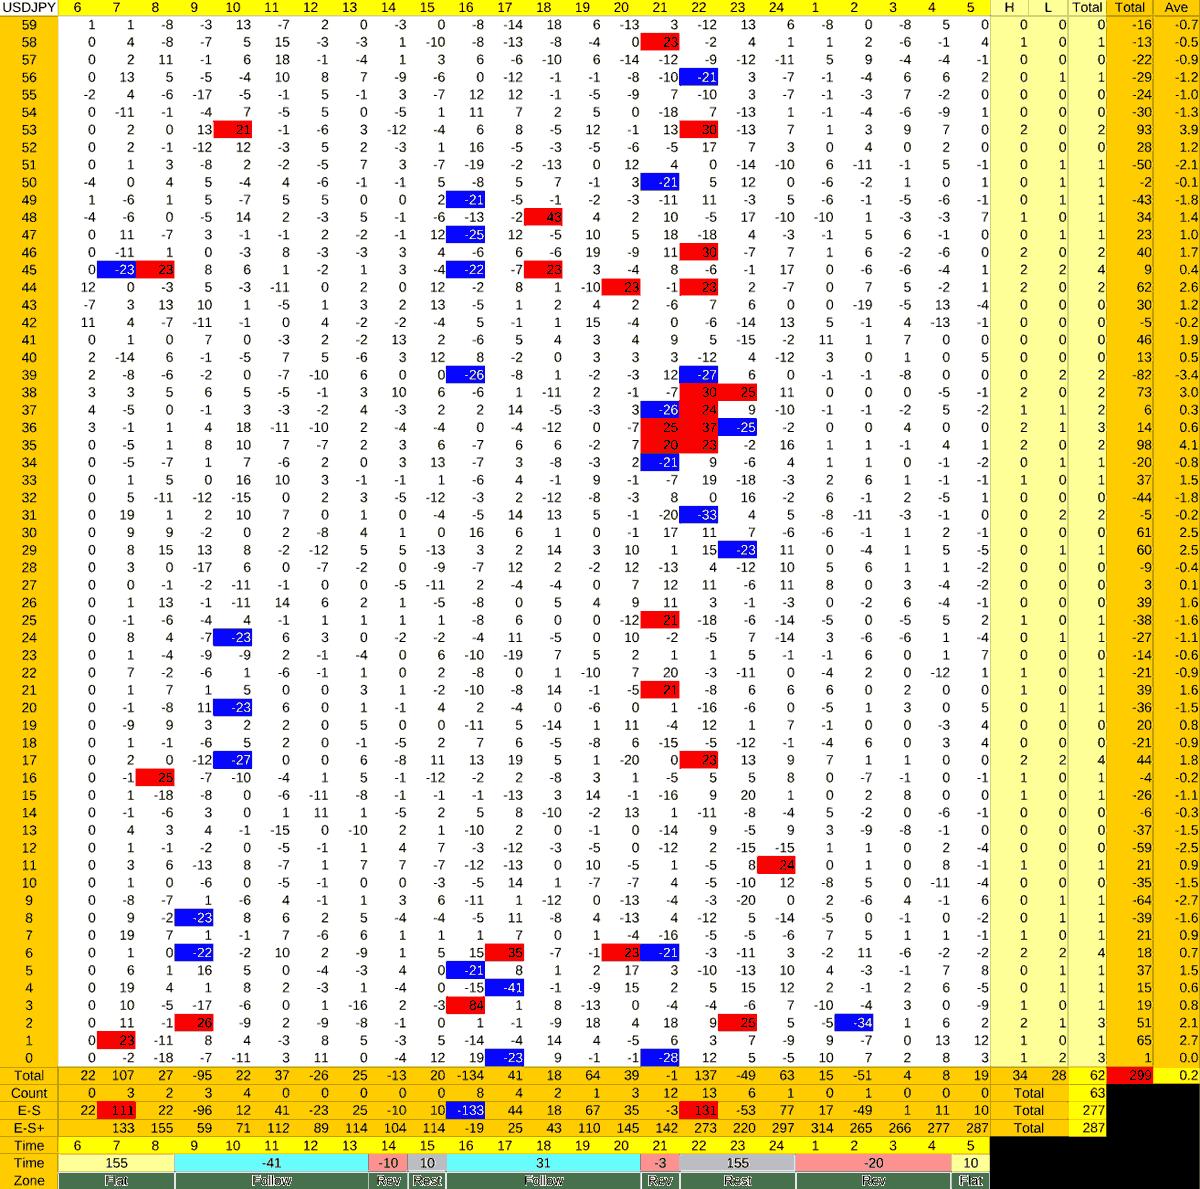 20210712_HS(1)USDJPY